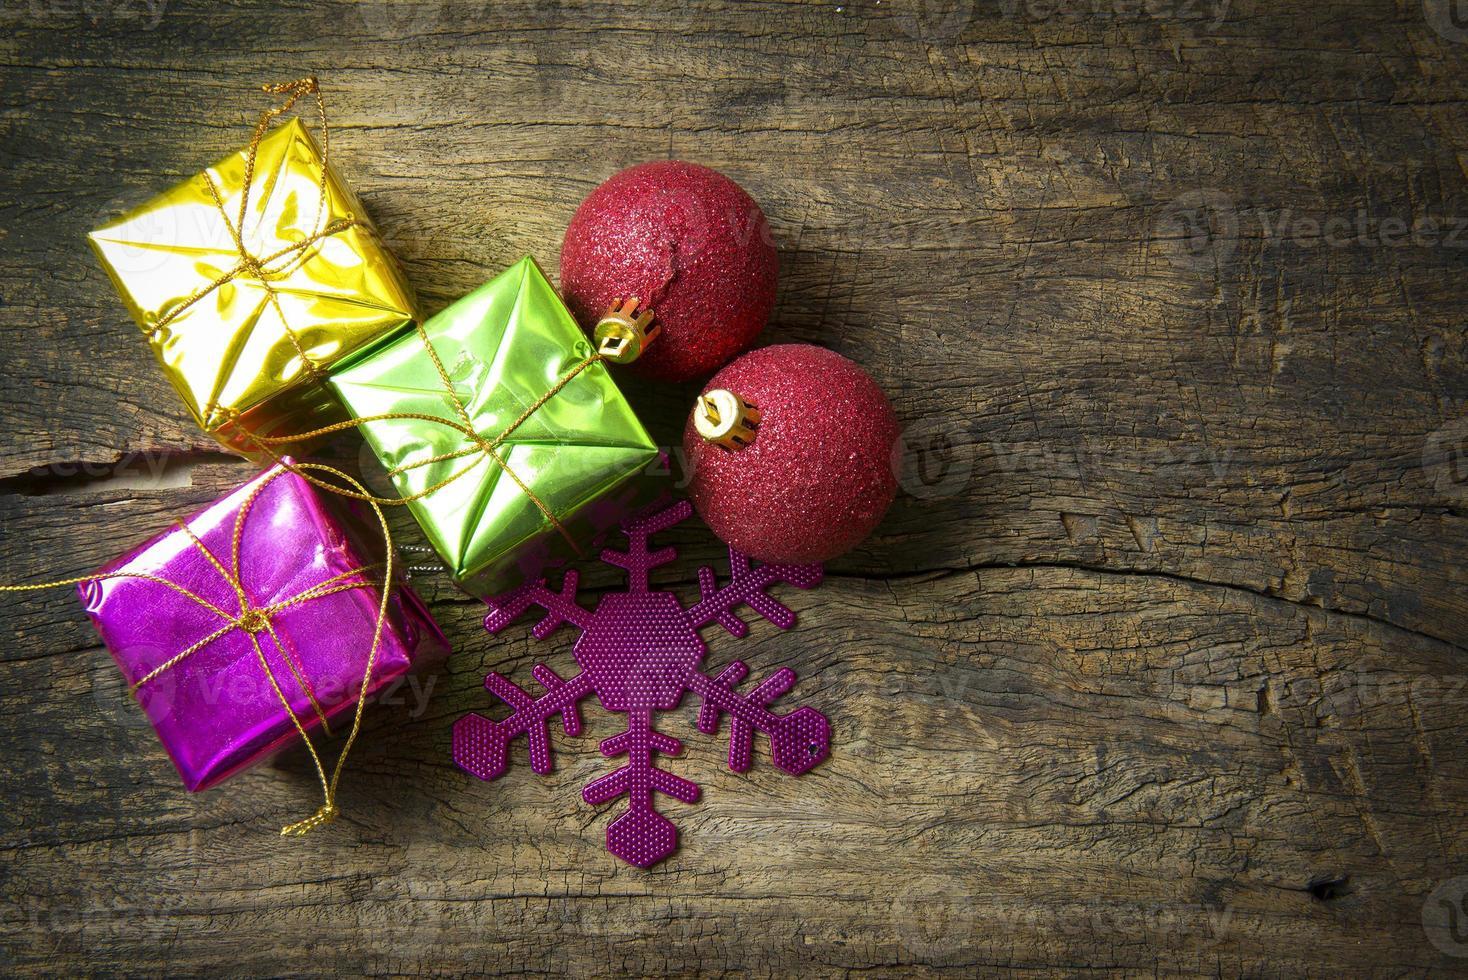 bola roja y montones de navidad foto